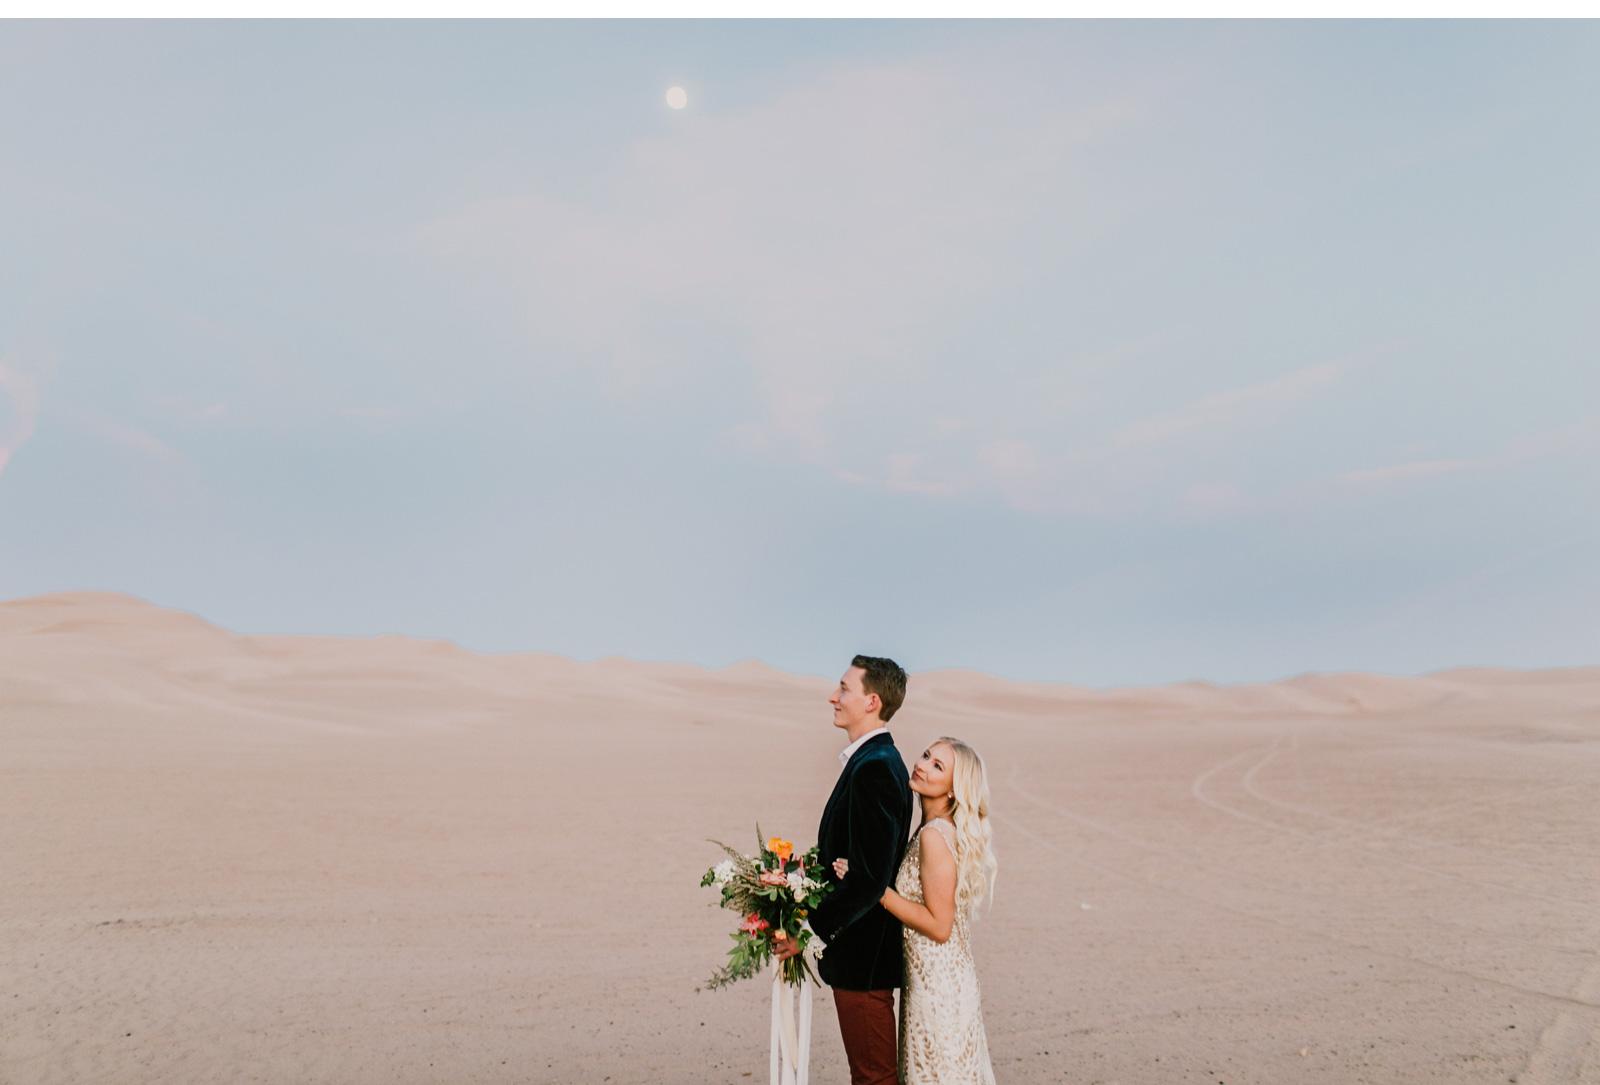 Adventure-Wedding-Green-Wedding-Shoes-Natalie-Schutt-Photography_15.jpg